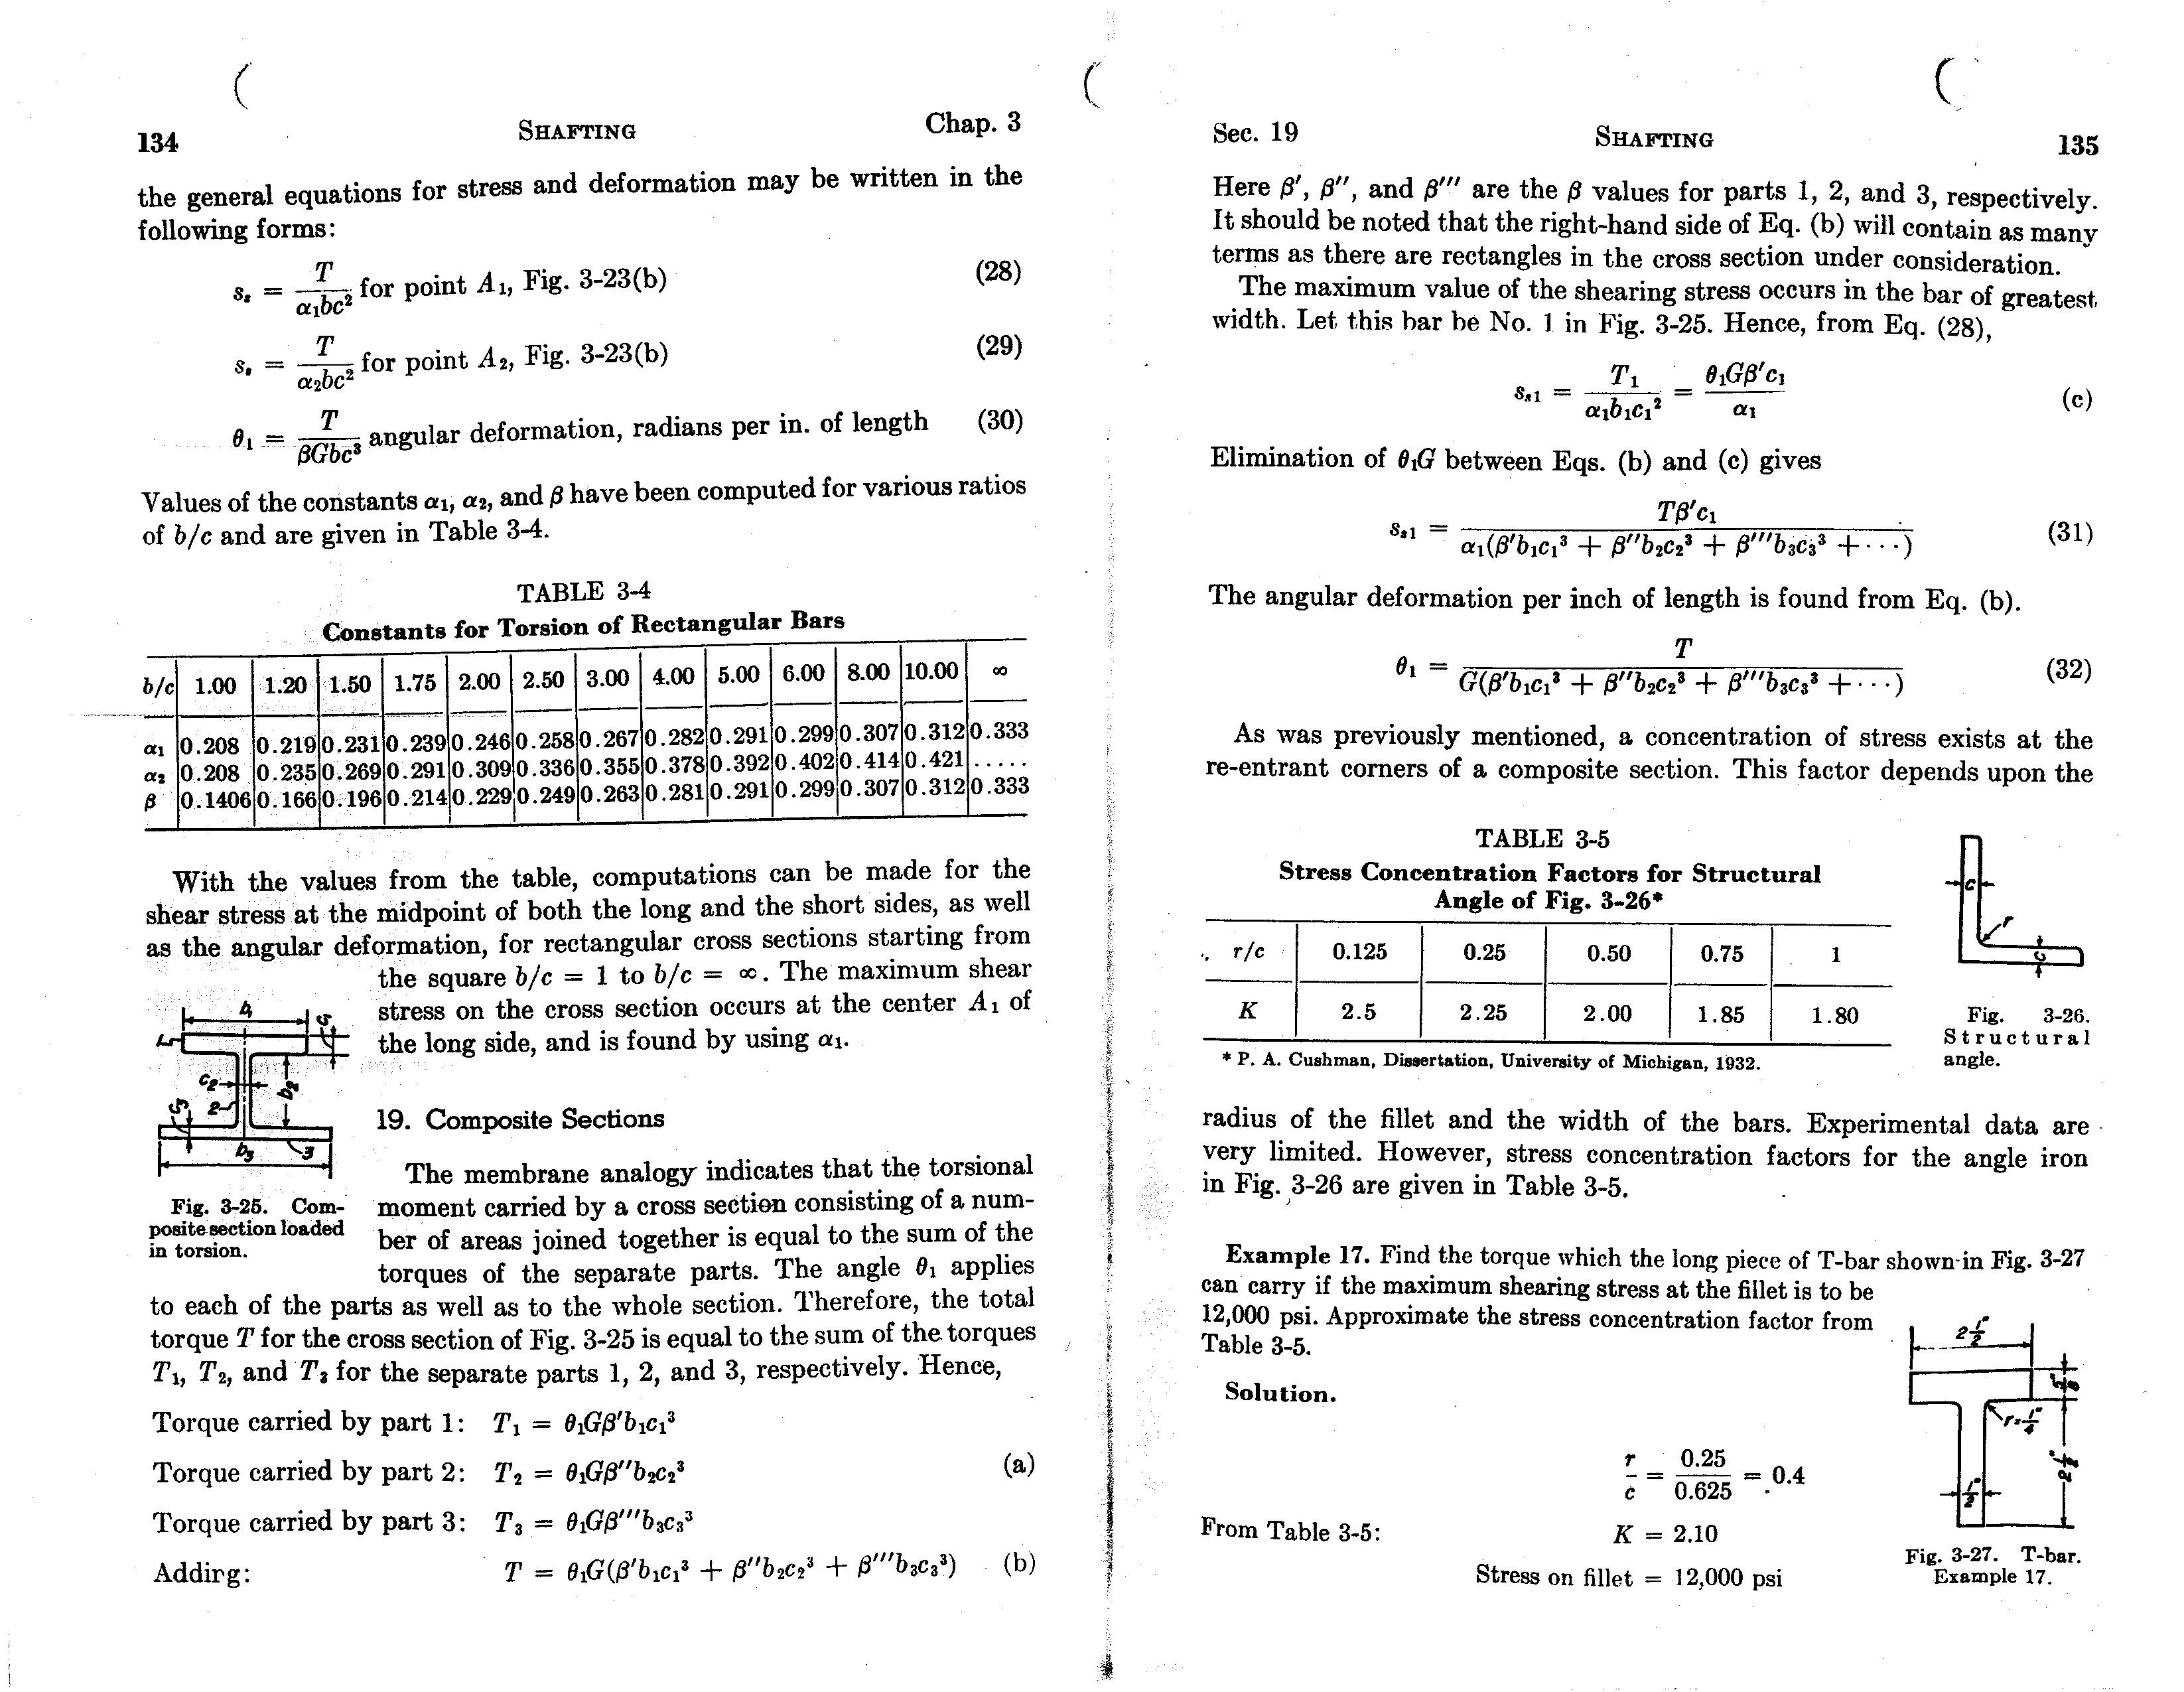 کتاب طراحی قطعات ماشین